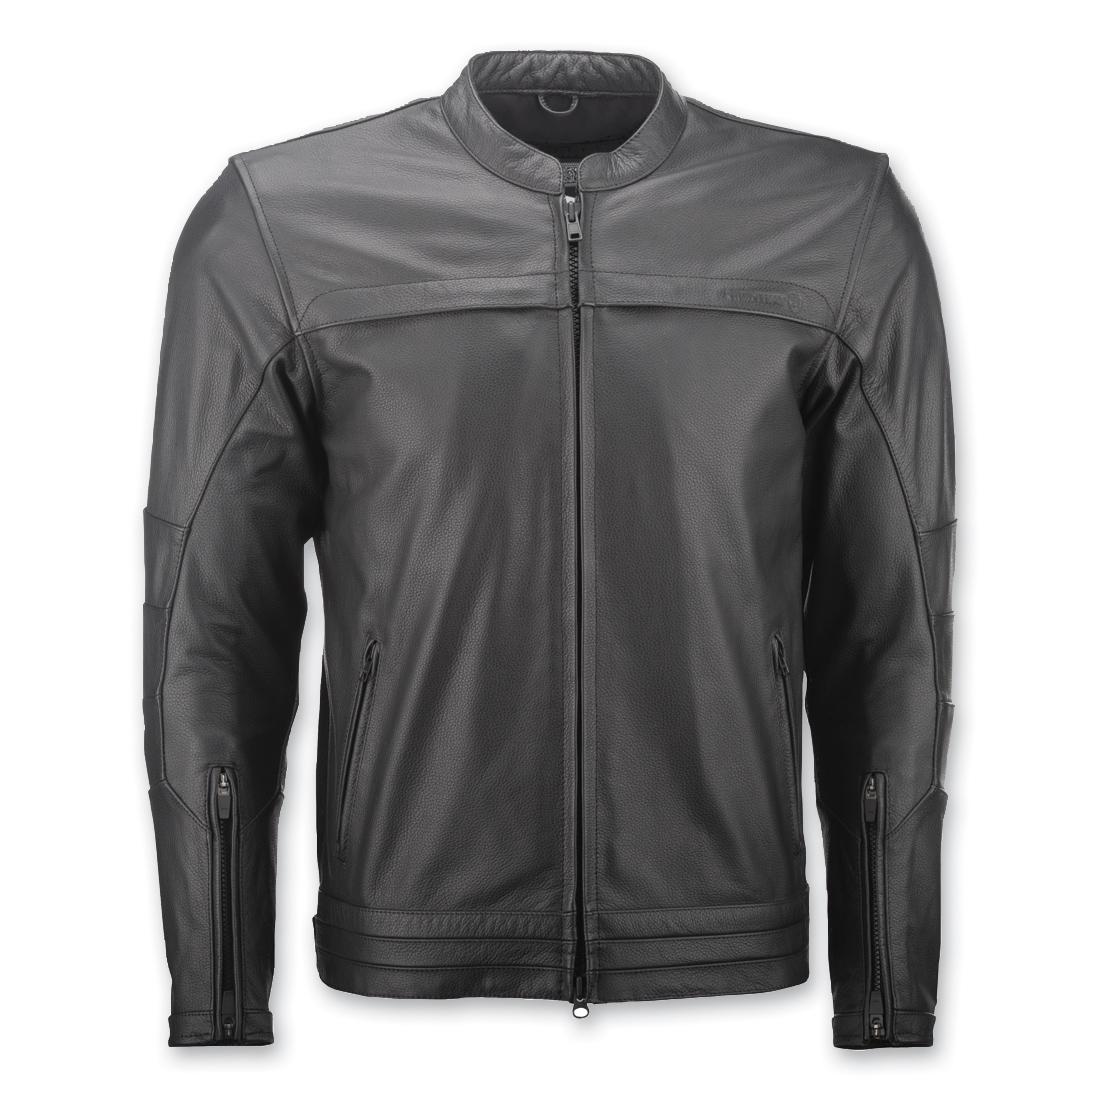 Highway 21 Men's Primer Black Leather Jacket